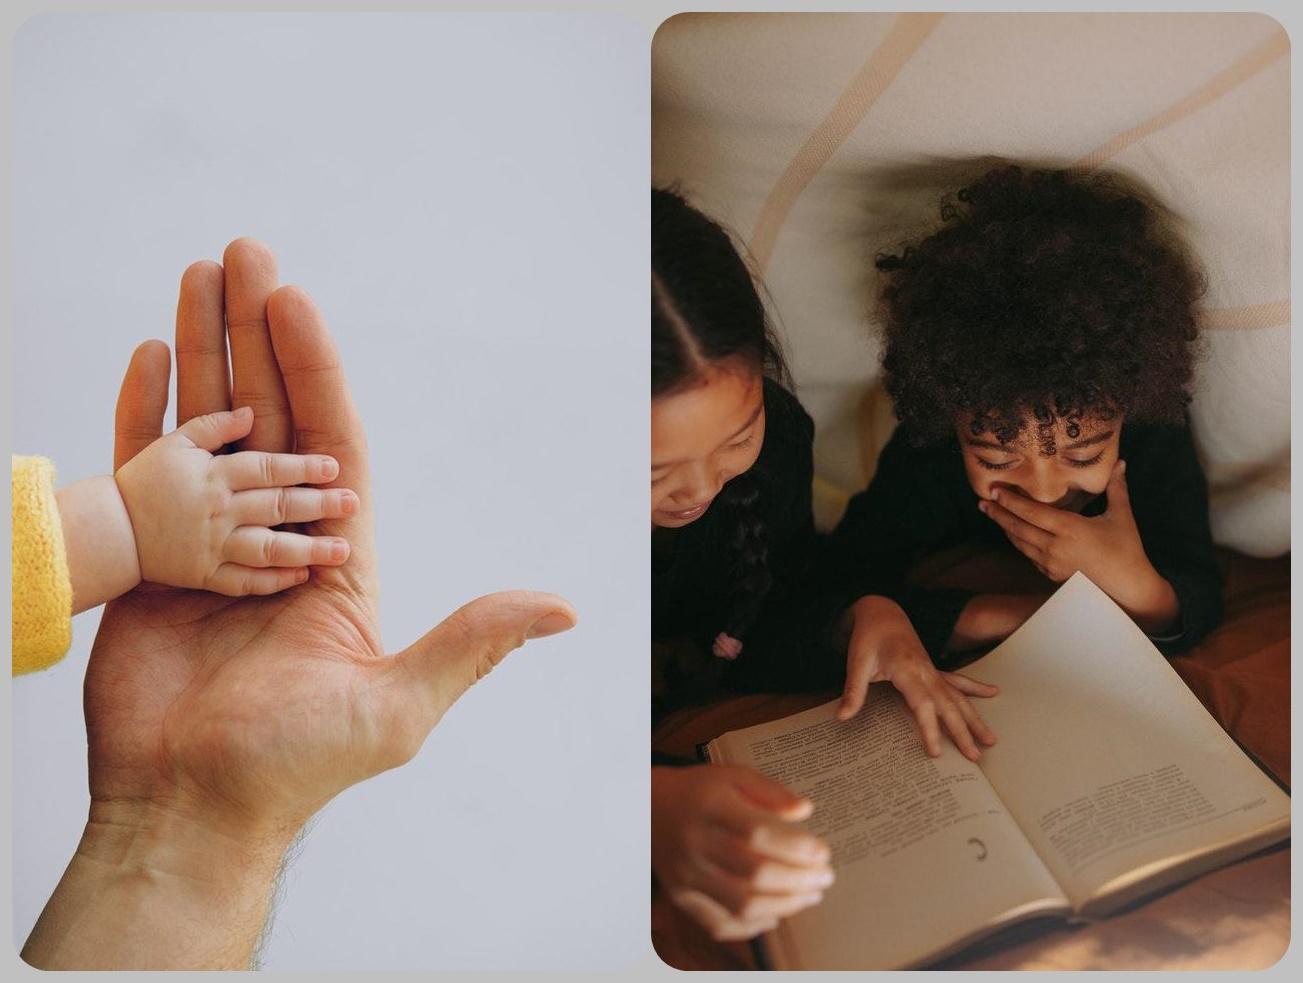 Dwie ilustracje. Z boku mała ręka dziecka. Dłoń dziecka dotyka otwartej dłoni rodzica. Obok druga ilustracja. Widok z góry na dwie dziewczynki, pochylone nad rozłożoną książkę. Czytają w łóżku.